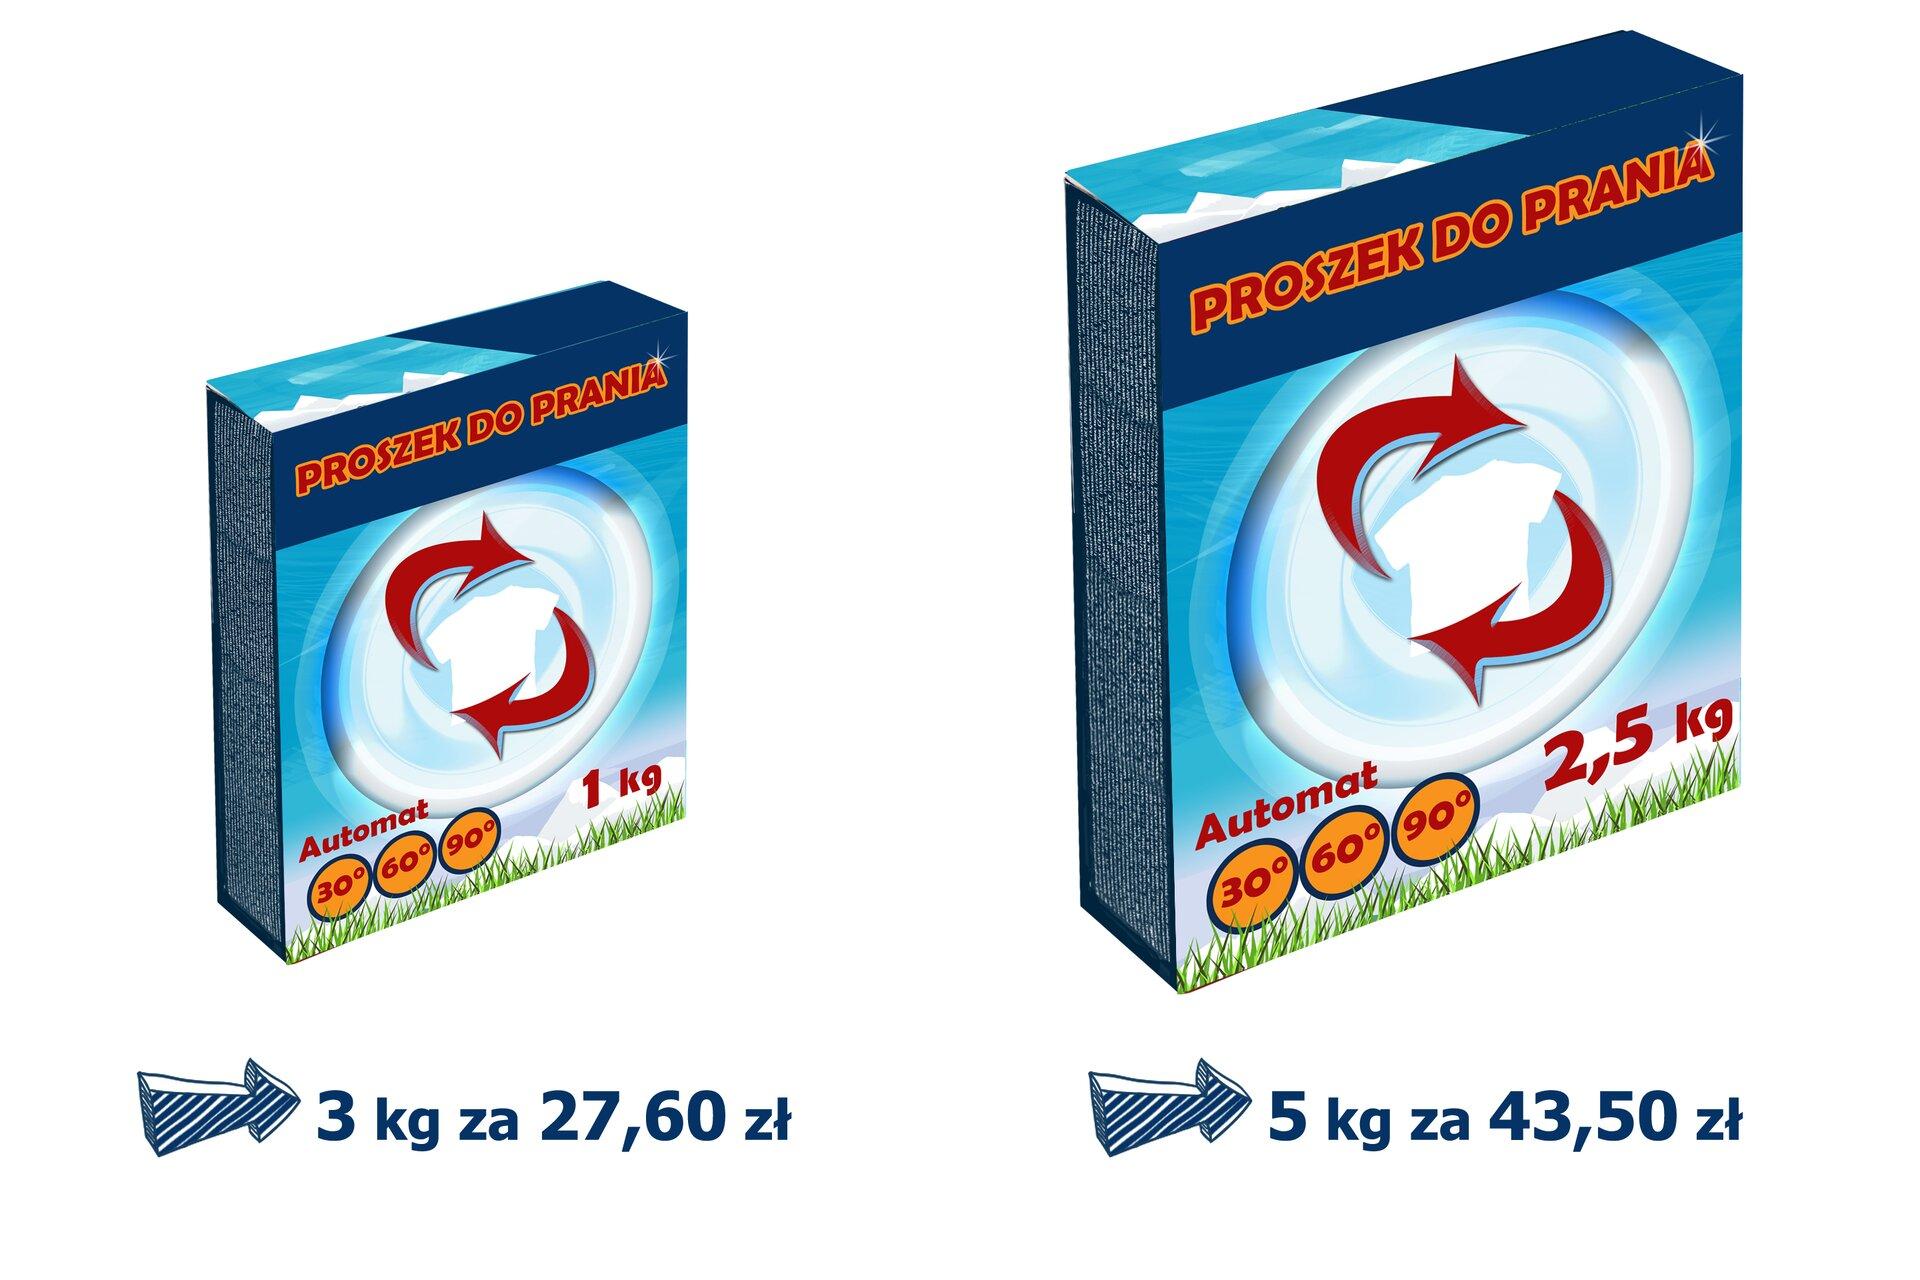 Rysunek dwóch pudełek zproszkiem do prania. Opakowanie 3 kilogramy kosztuje 27,67 zł. Opakowanie 5 kilogramów kosztuje 43,50 zł.